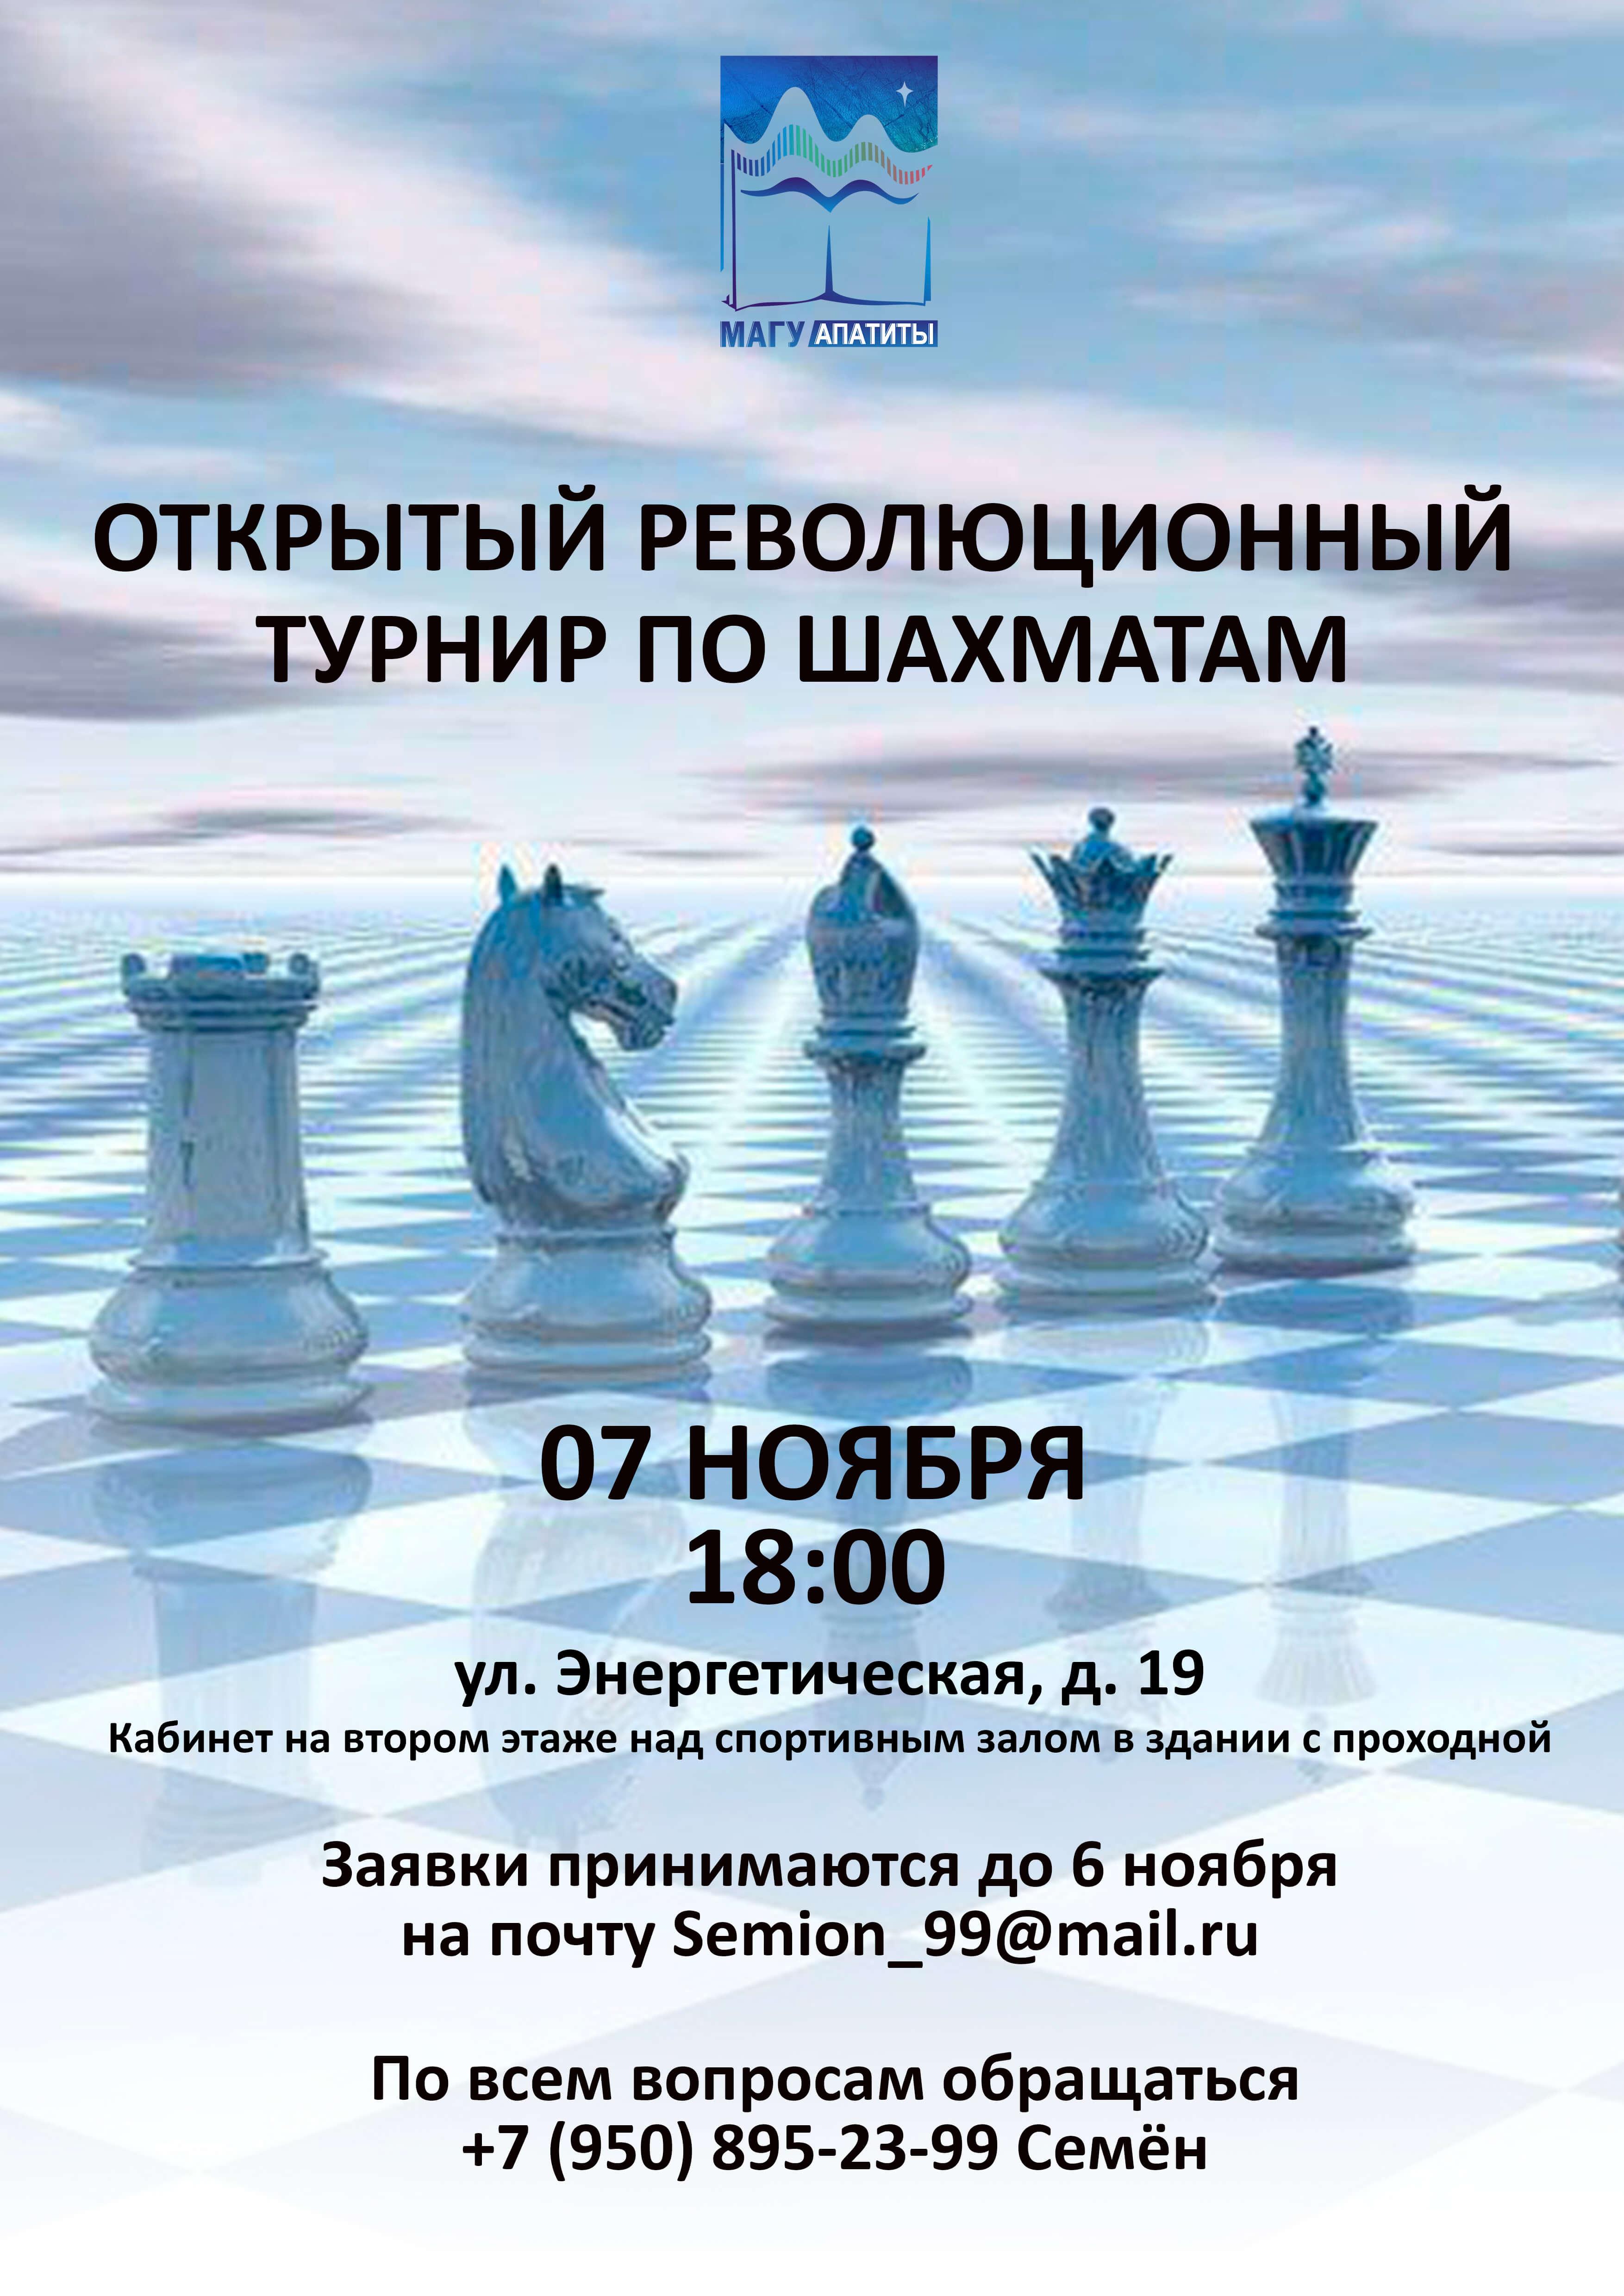 Открытый революционный турнир по шахматам